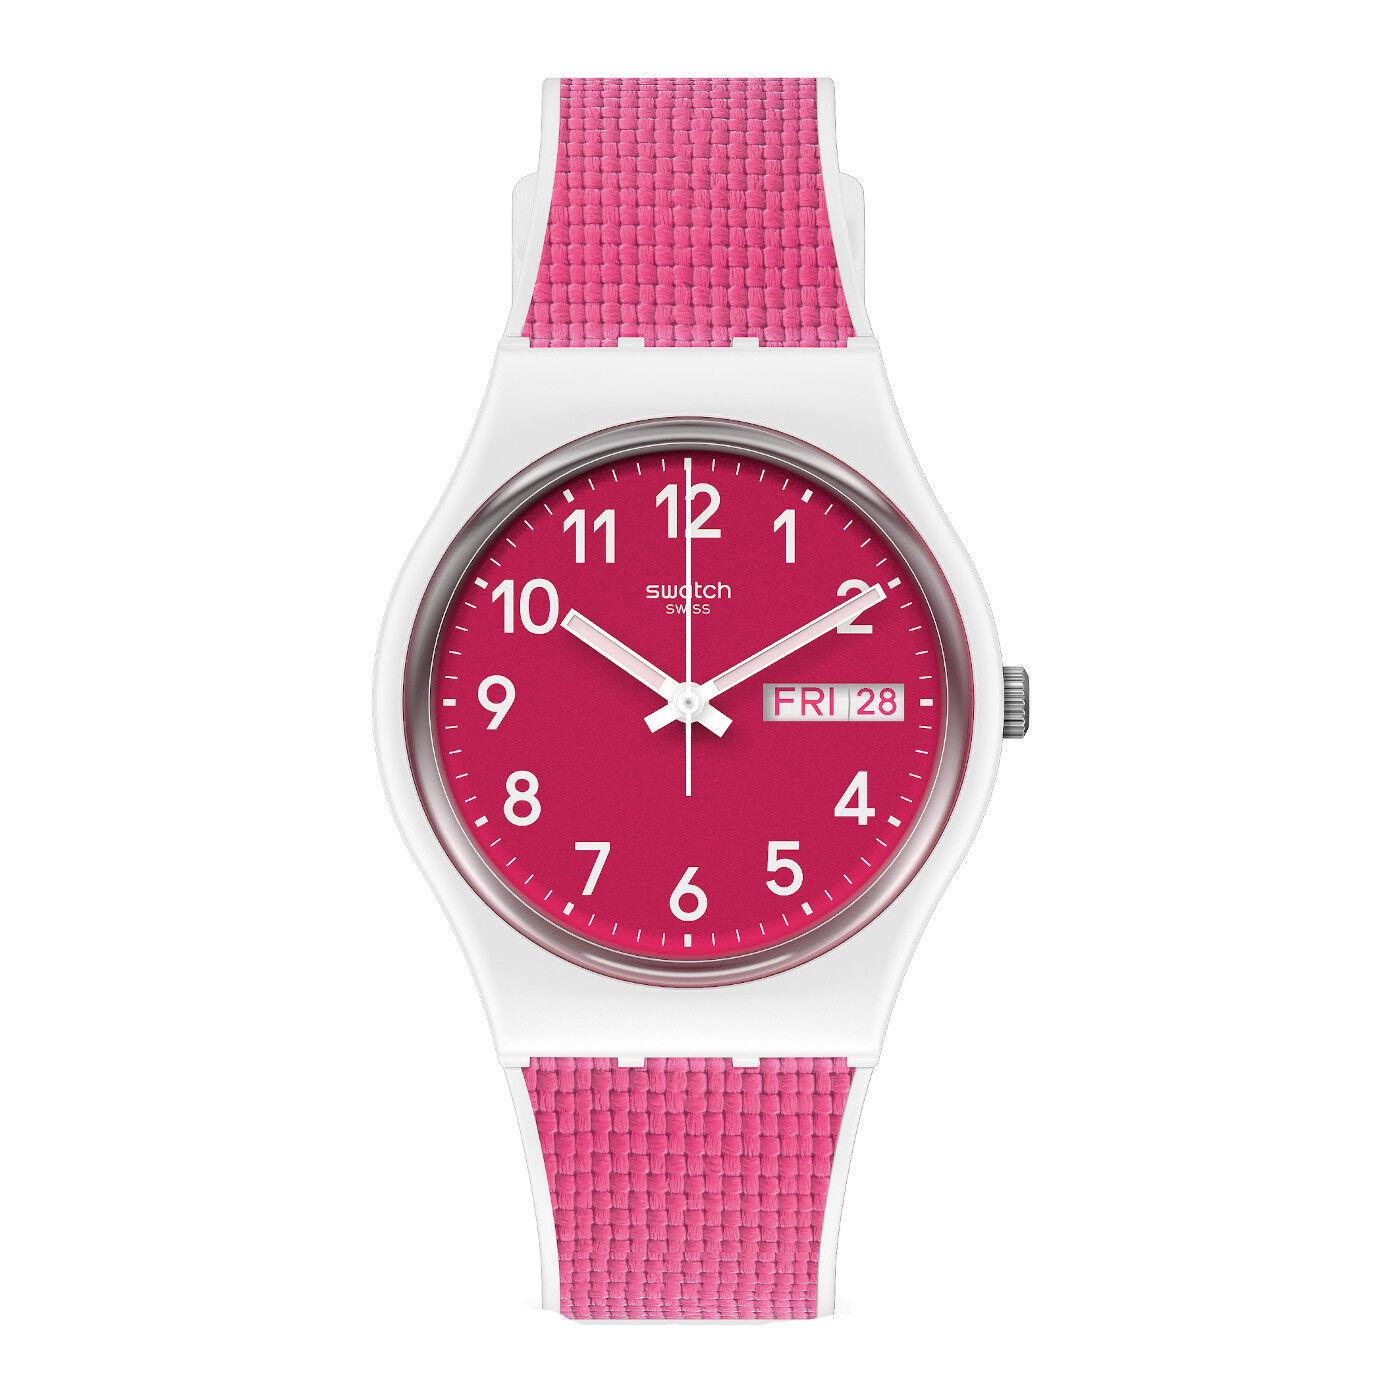 Swatch Essentials montre GW713